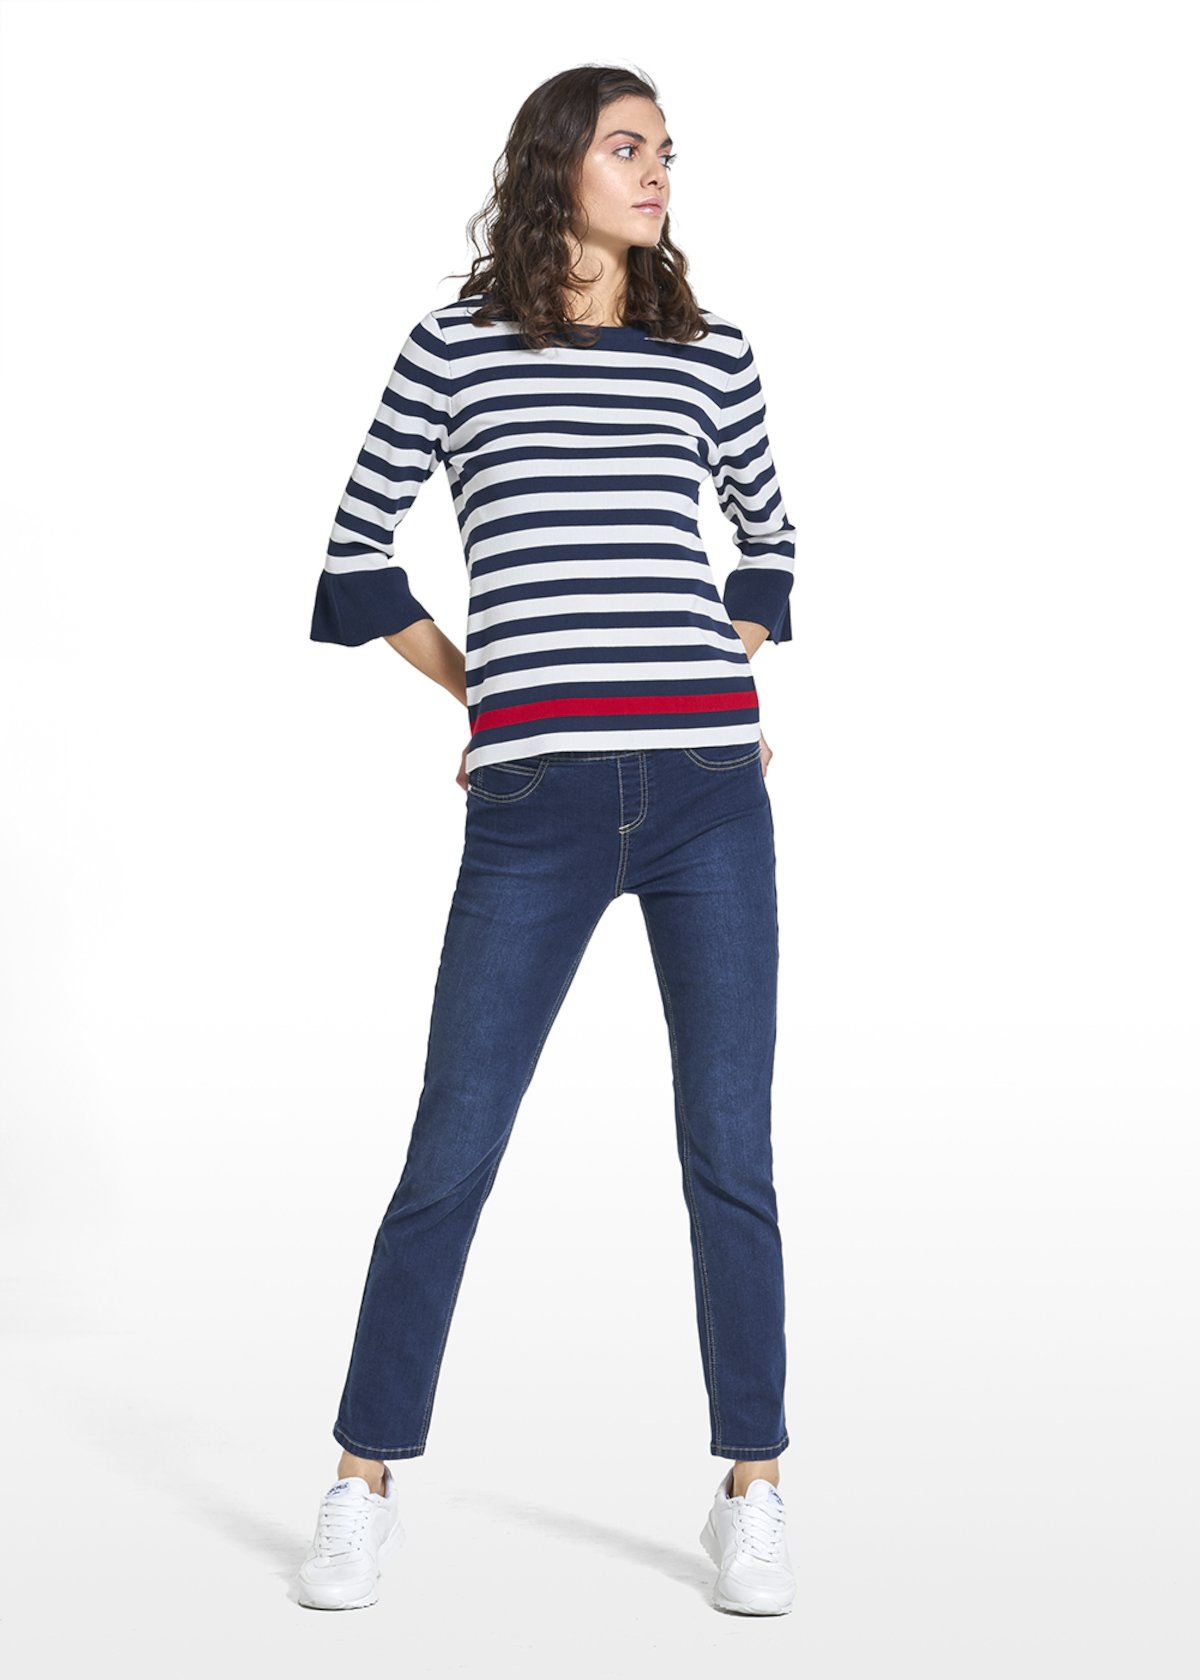 Maglia Marilyn stampa a righe con dettaglio rouches - White / Blue Stripes - Donna - Immagine categoria